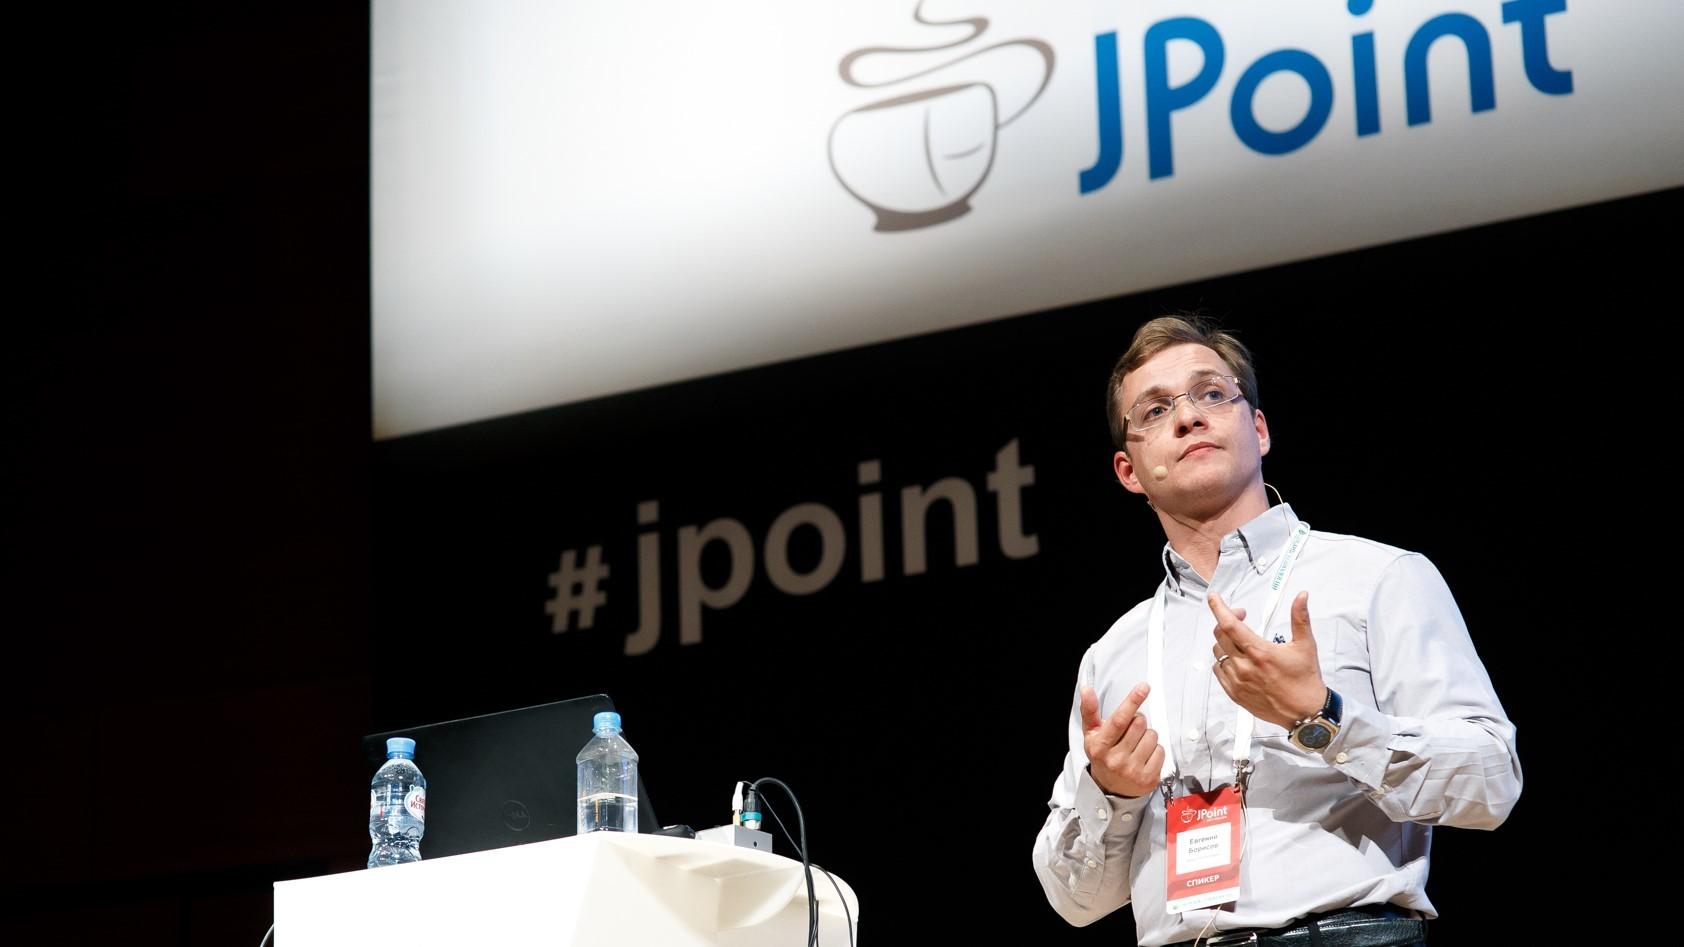 Бесплатная трансляция главного трека JPoint 2017. Сейчас! Без регистрации и смс - 4